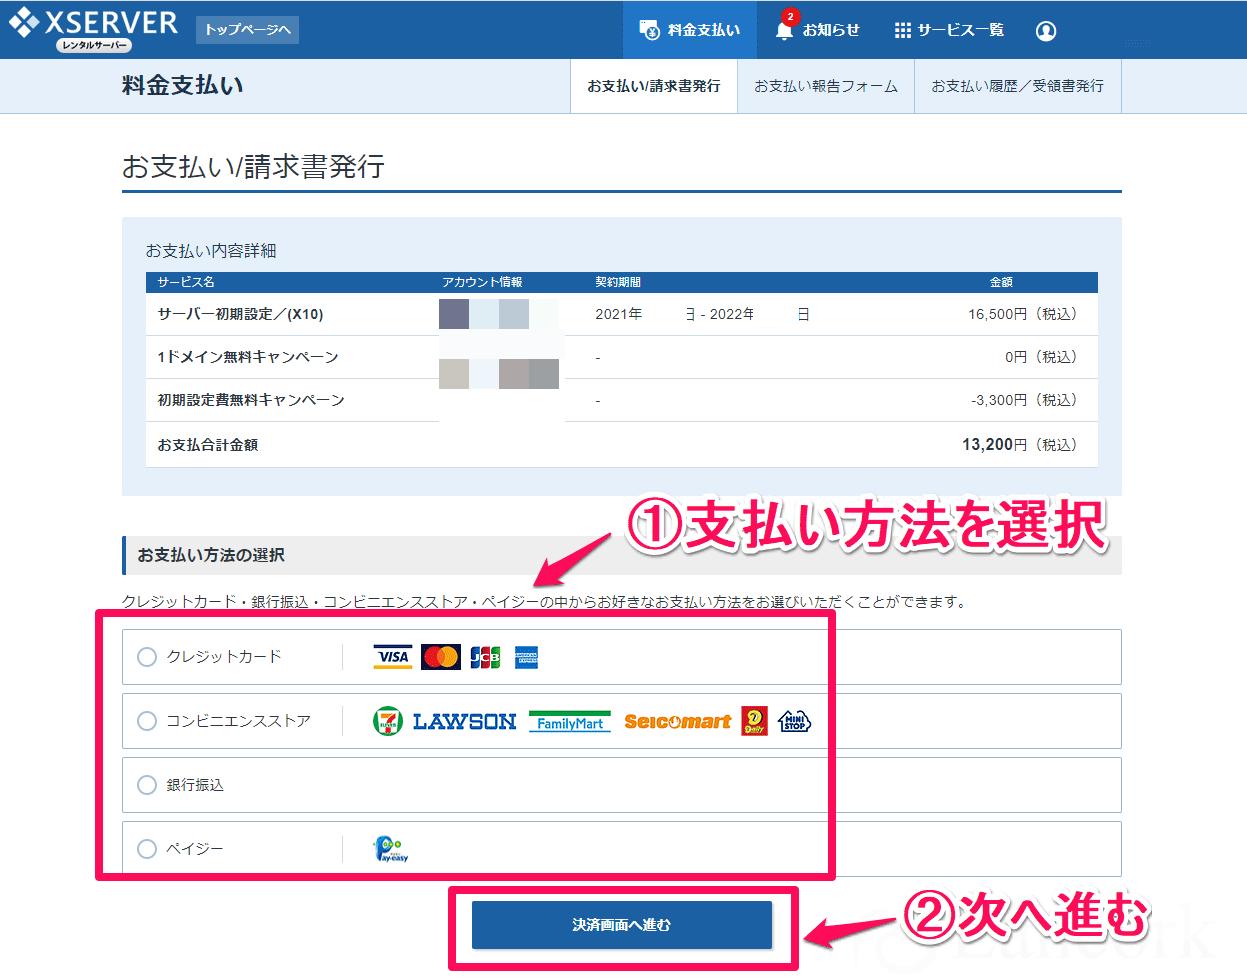 エックスサーバー新規登録 支払い方法の選択